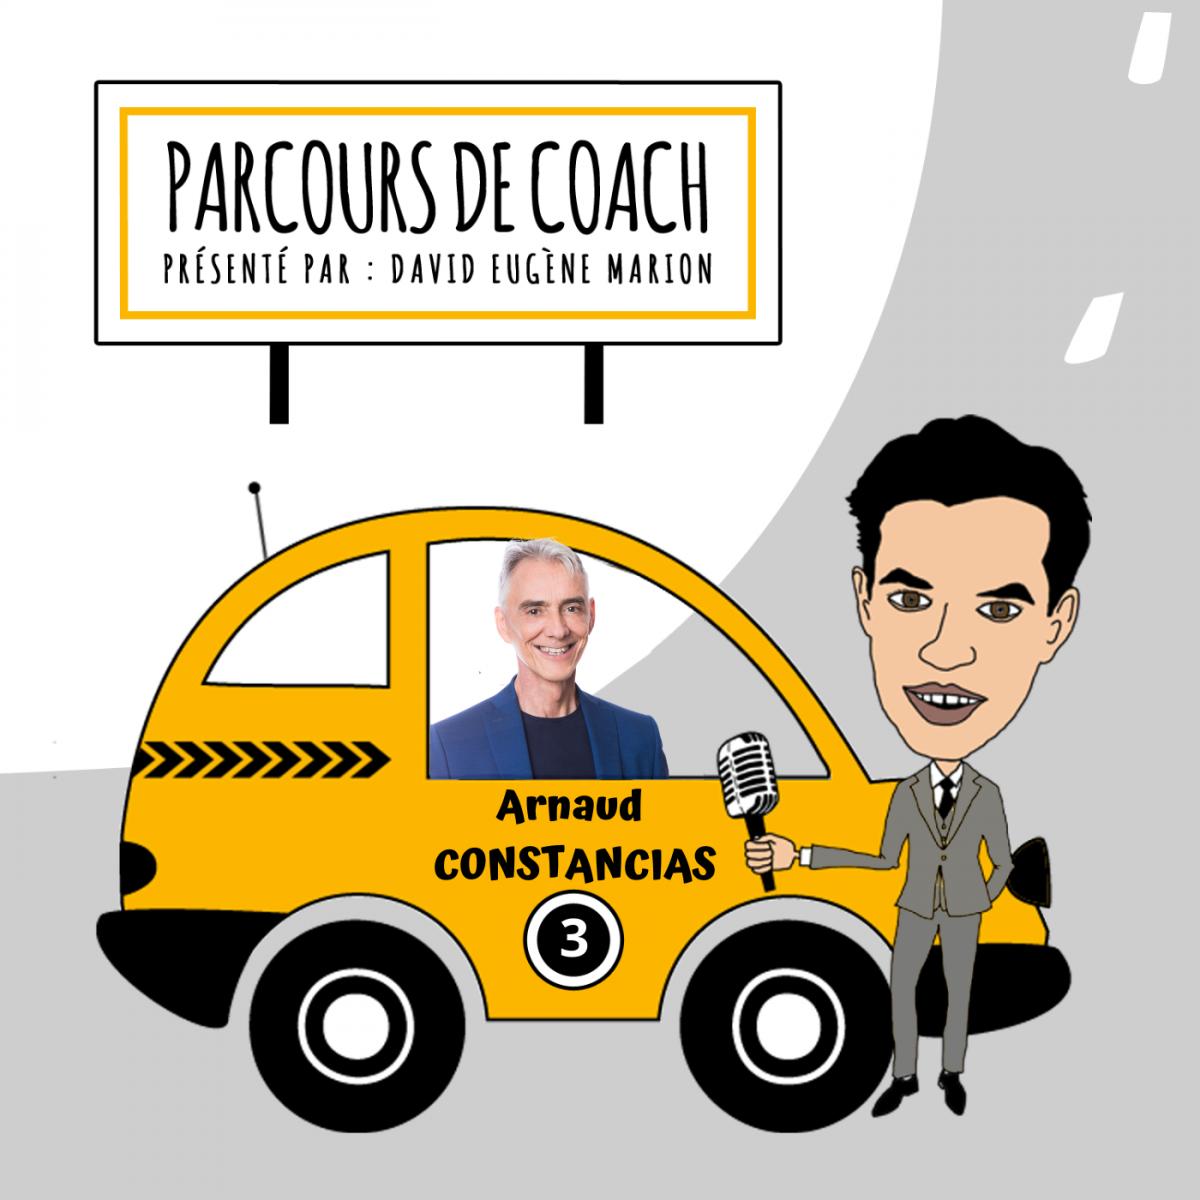 Arnaud Constancias dans Parcours de coach